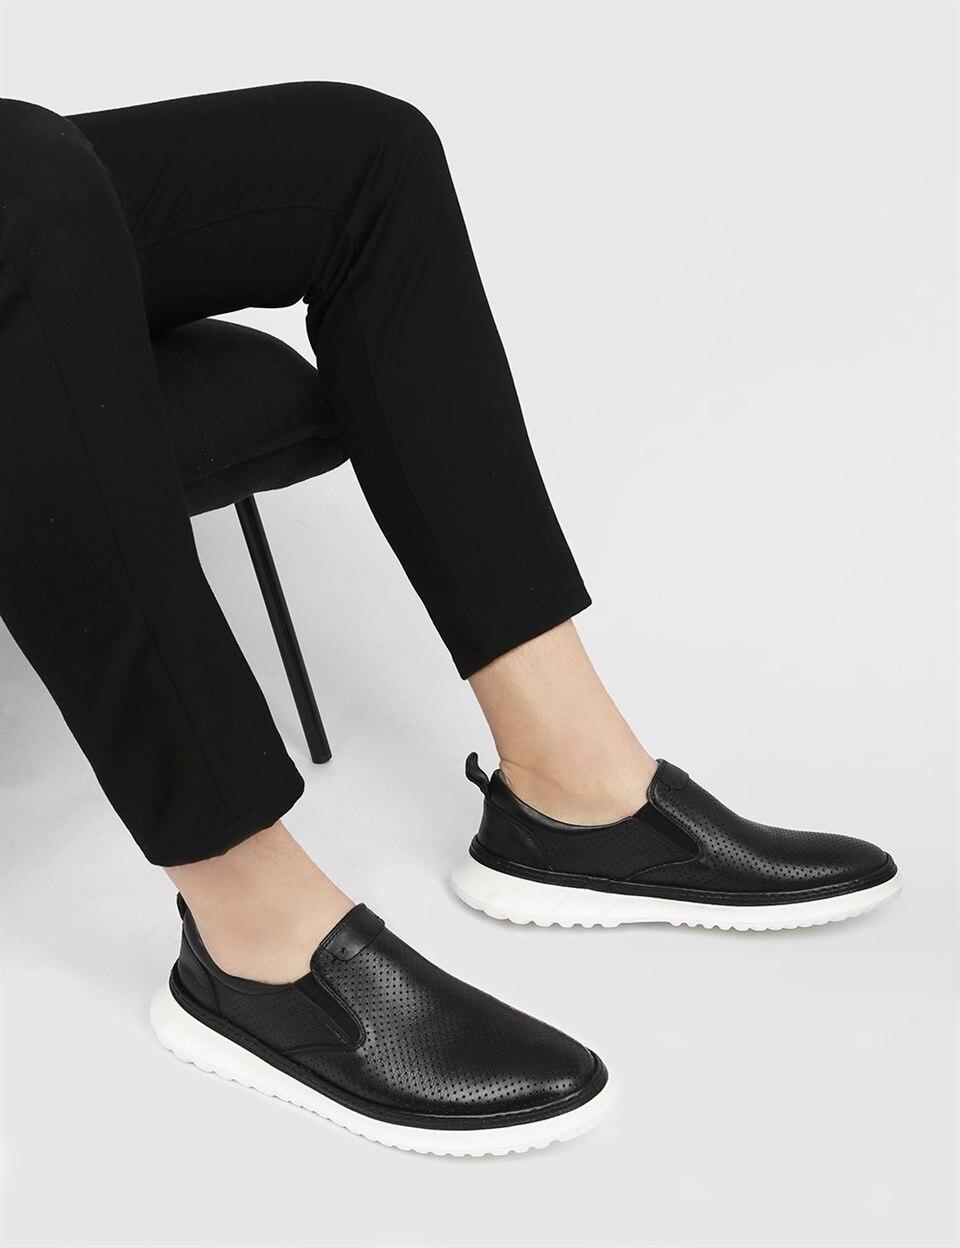 ILVi-جلد طبيعي صناعة يدوية Alvera جلد أسود للرجال حذاء رياضة حذاء رجالي 2021 لربيع وصيف